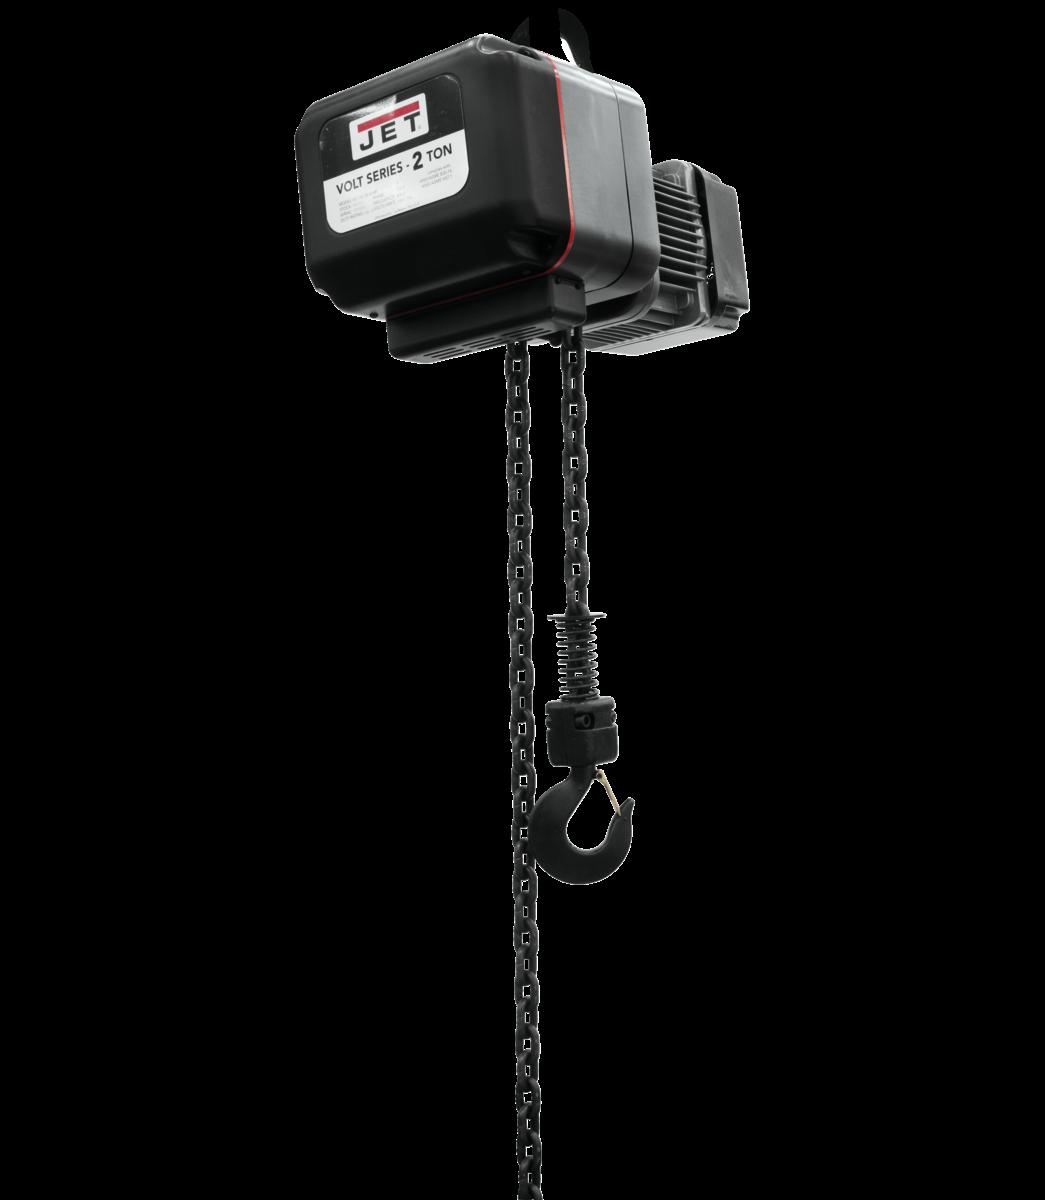 VOLT 2T VARIABLE-SPEED ELECTRIC HOIST 3PH 460V 20' LIFT